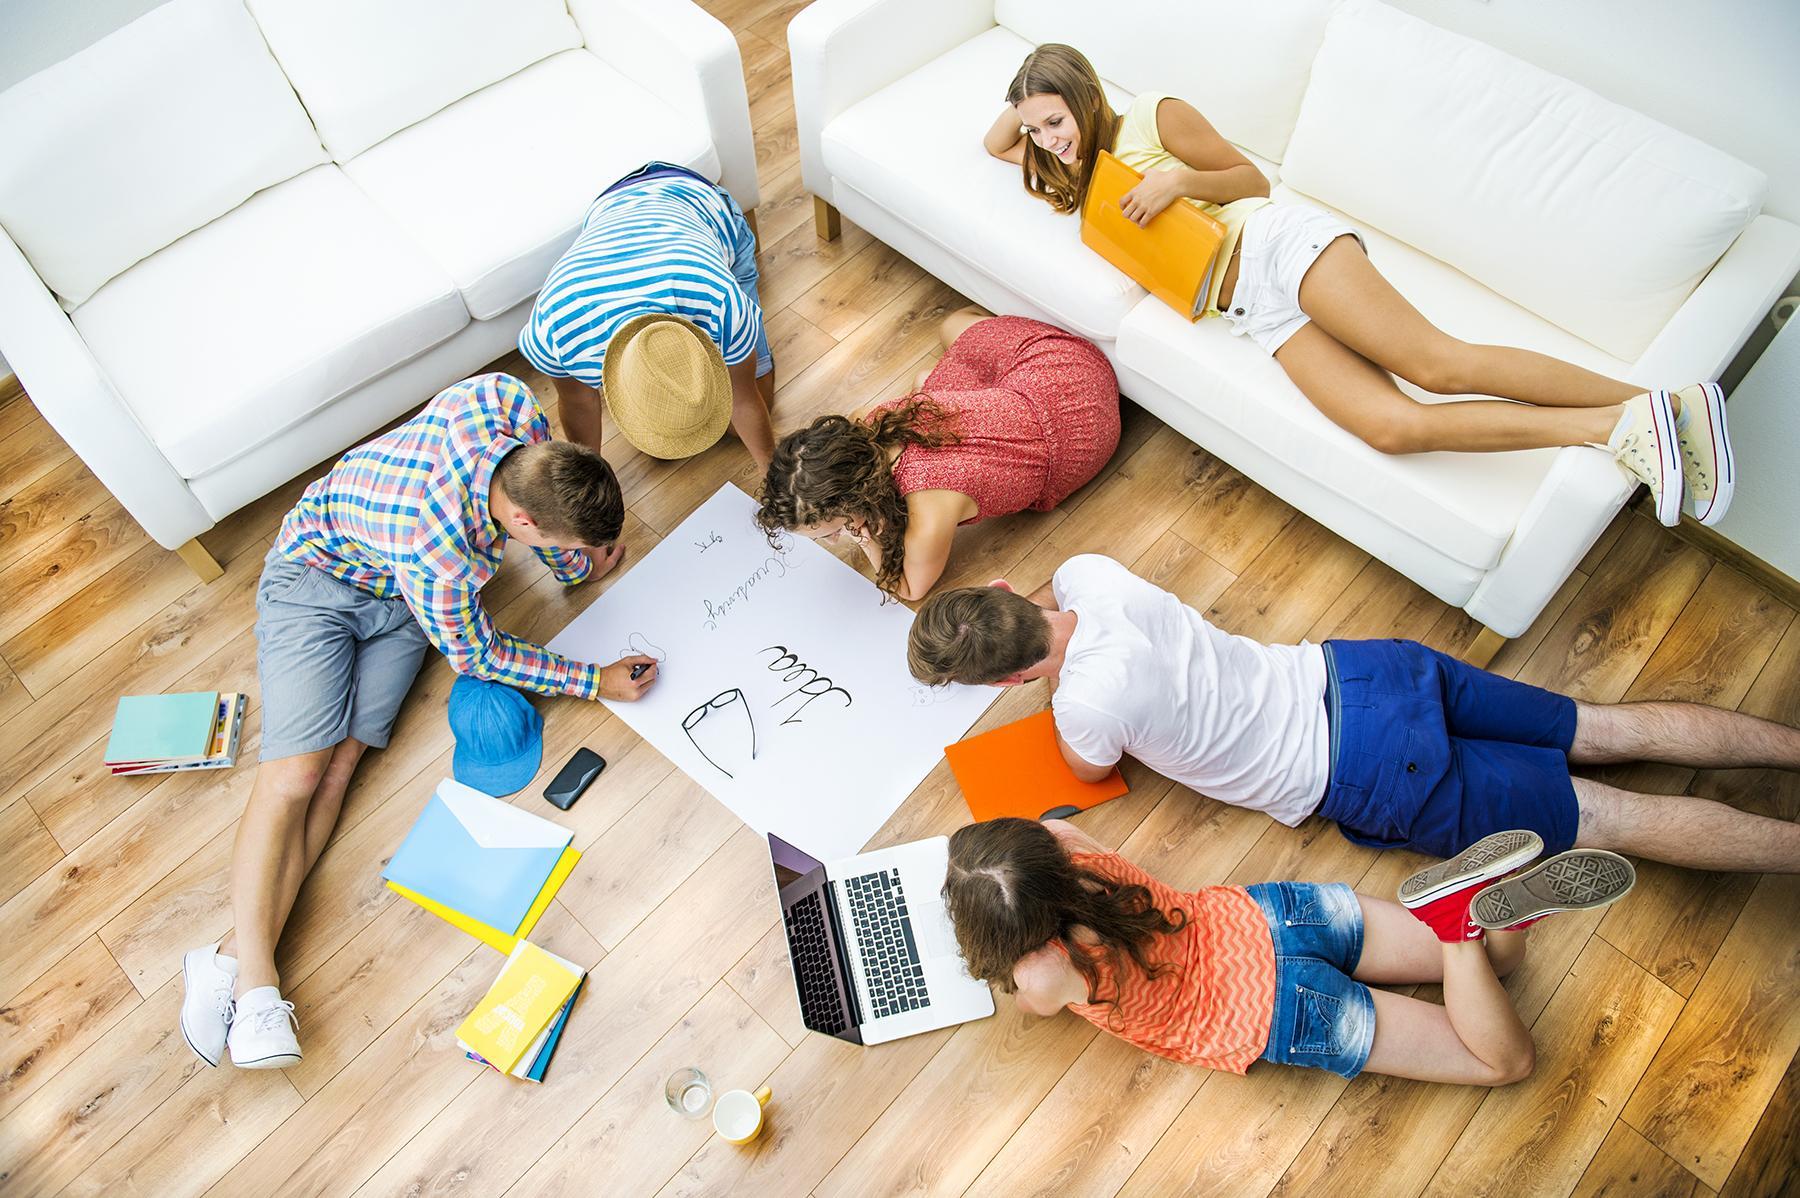 Сколько стоит аренда студенческой квартиры на Кипре?